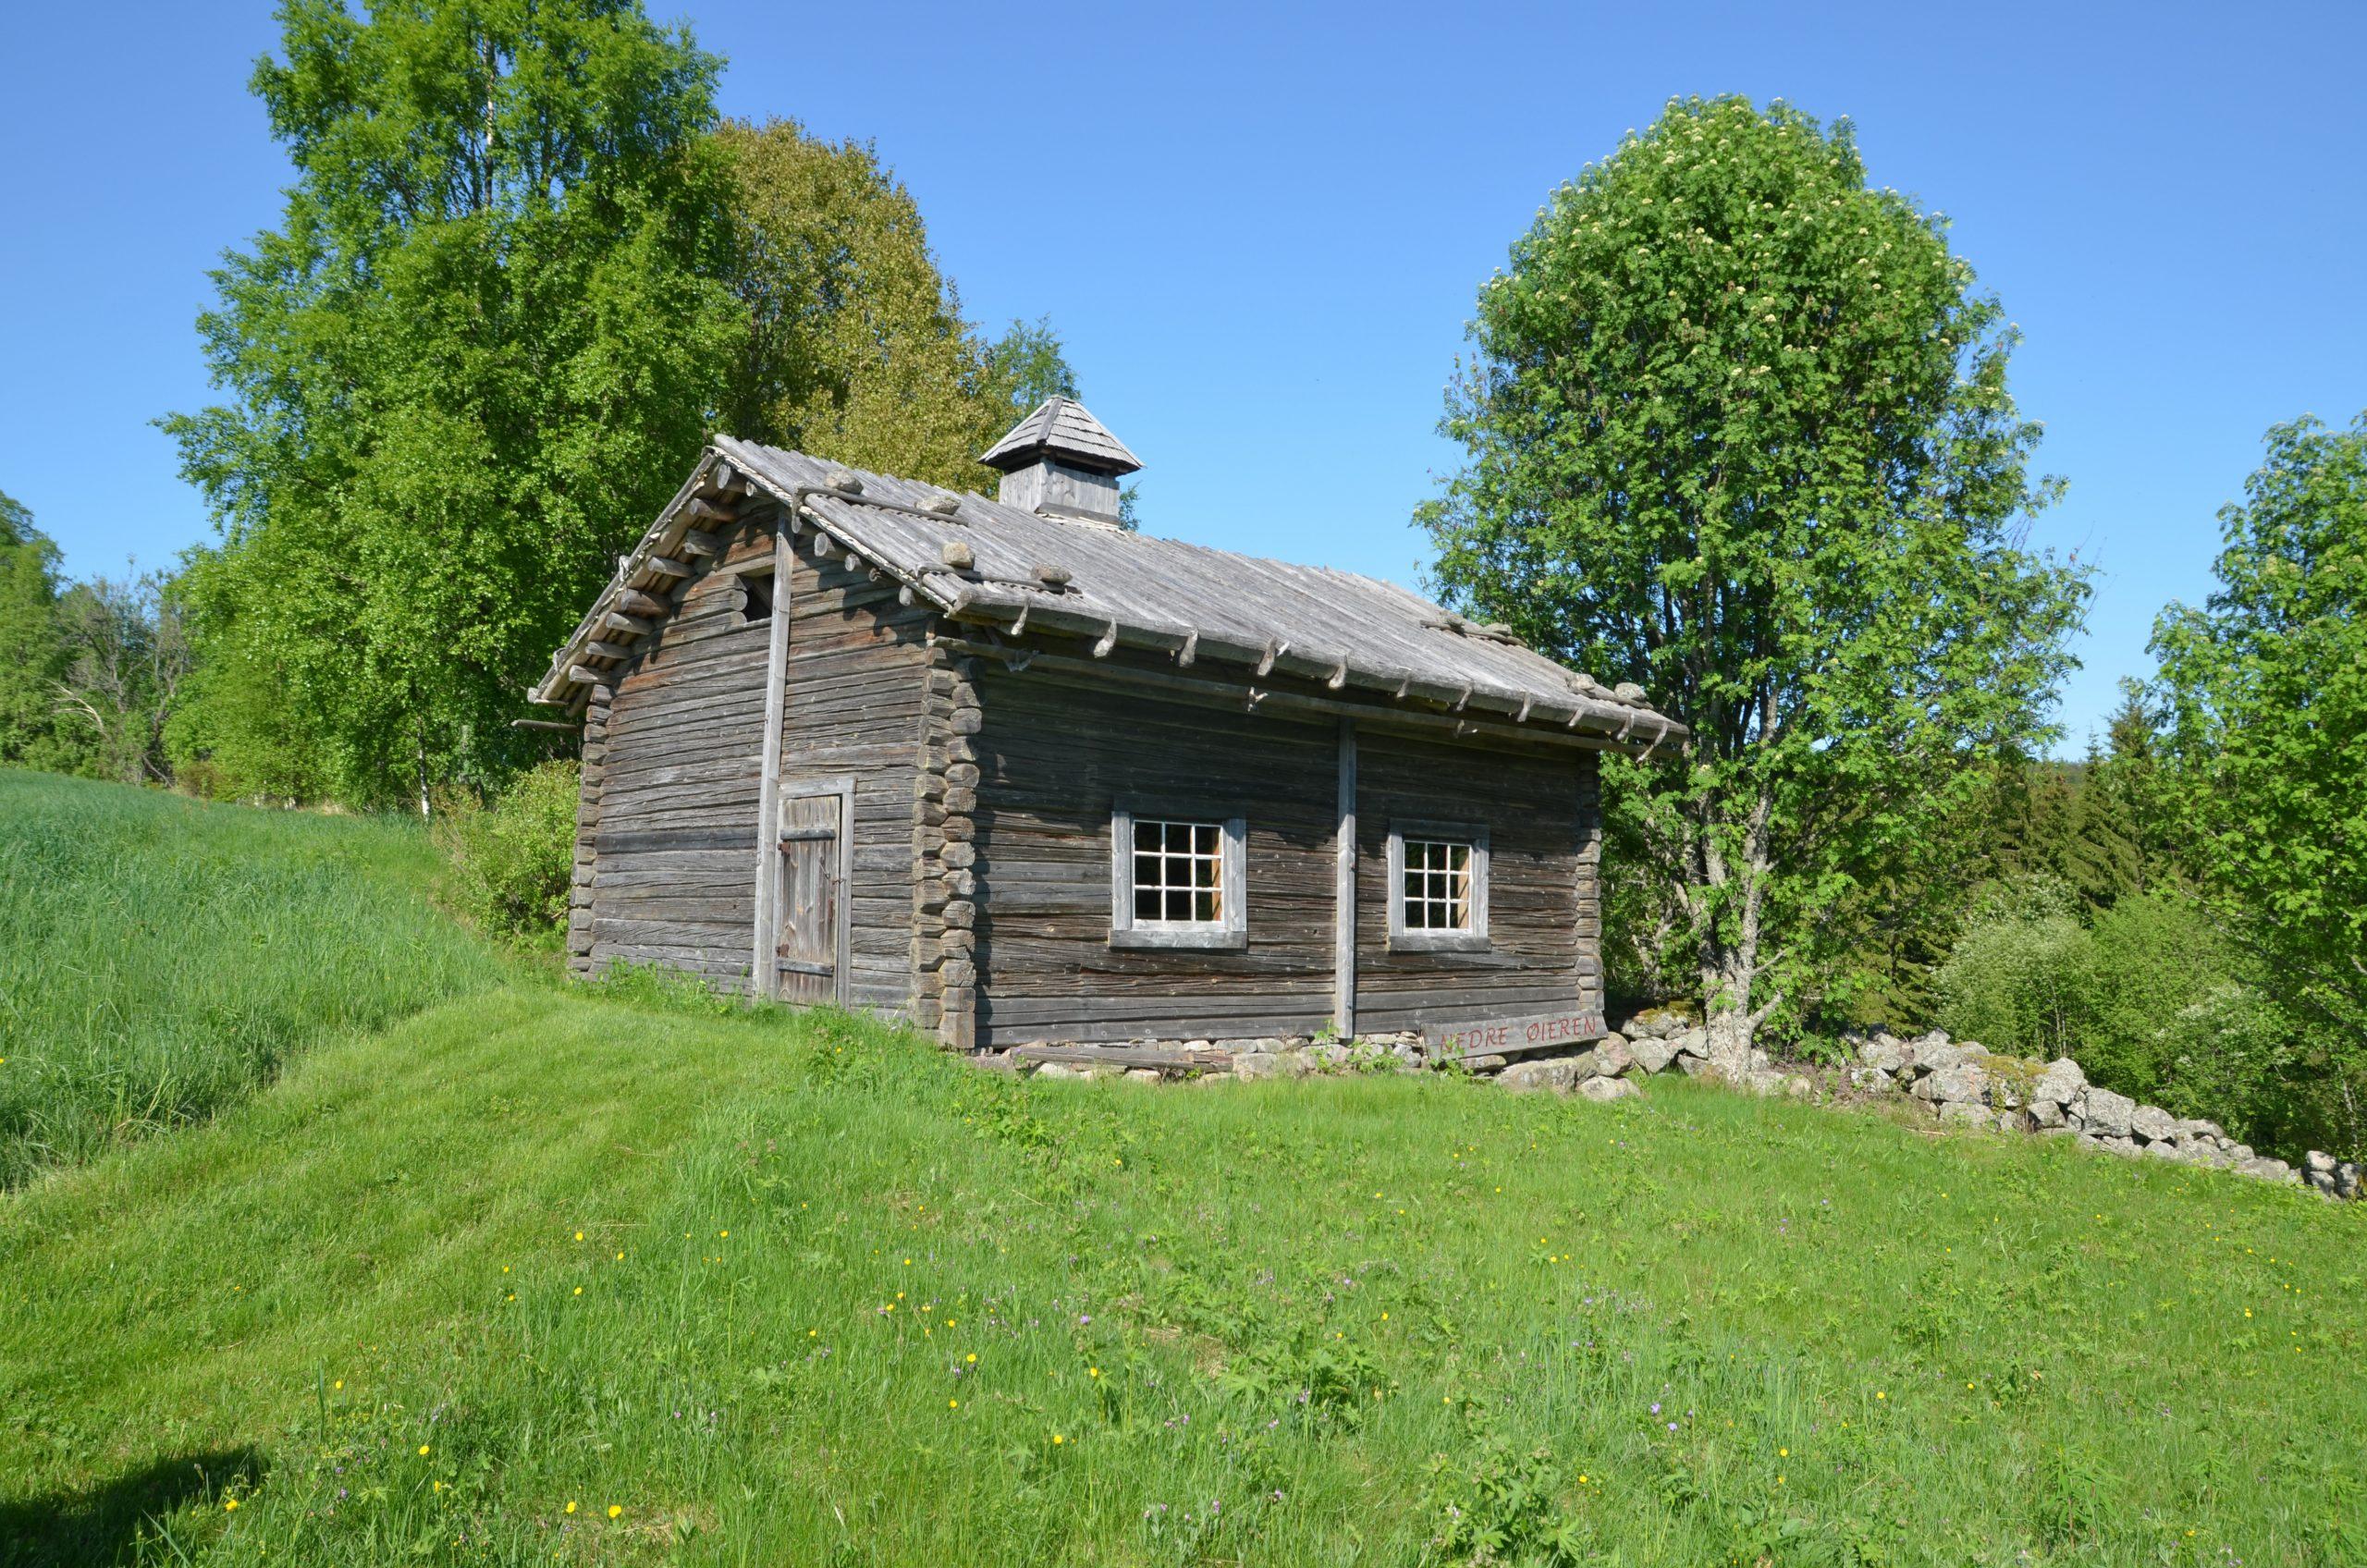 Bilde av den skogfinske røykbadstua på Nedre Øyeren i Kongsvinger kommune i Hedmark er den eneste skogfinske bygningen i Norge som er fredet. Bygningen har to røykeovner, en til oppvarming og matlaging og en til badstubruk. Foto: Berit Rønsen, Riksantikvaren